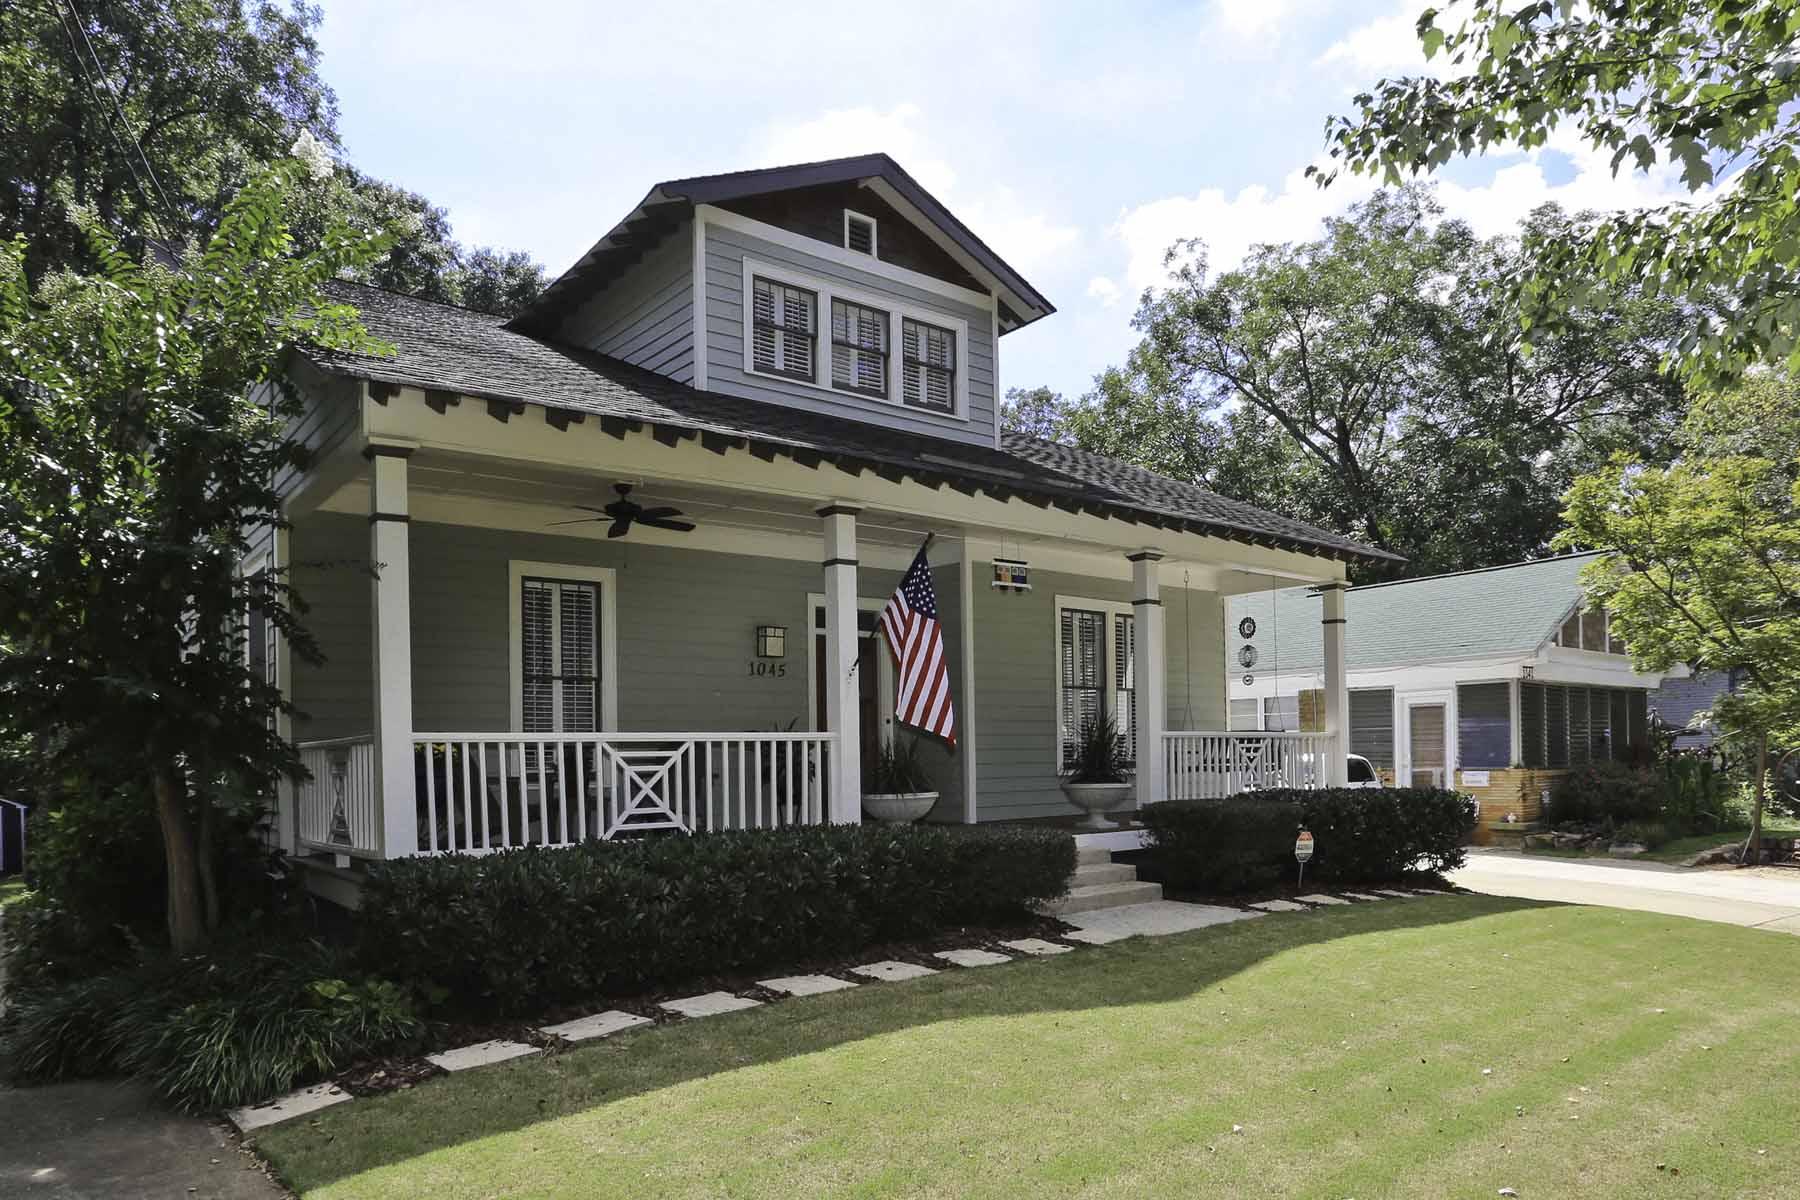 一戸建て のために 売買 アット Fantastic Ormewood Park Residence 1045 Delaware Avenue SE Ormewood Park, Atlanta, ジョージア, 30316 アメリカ合衆国